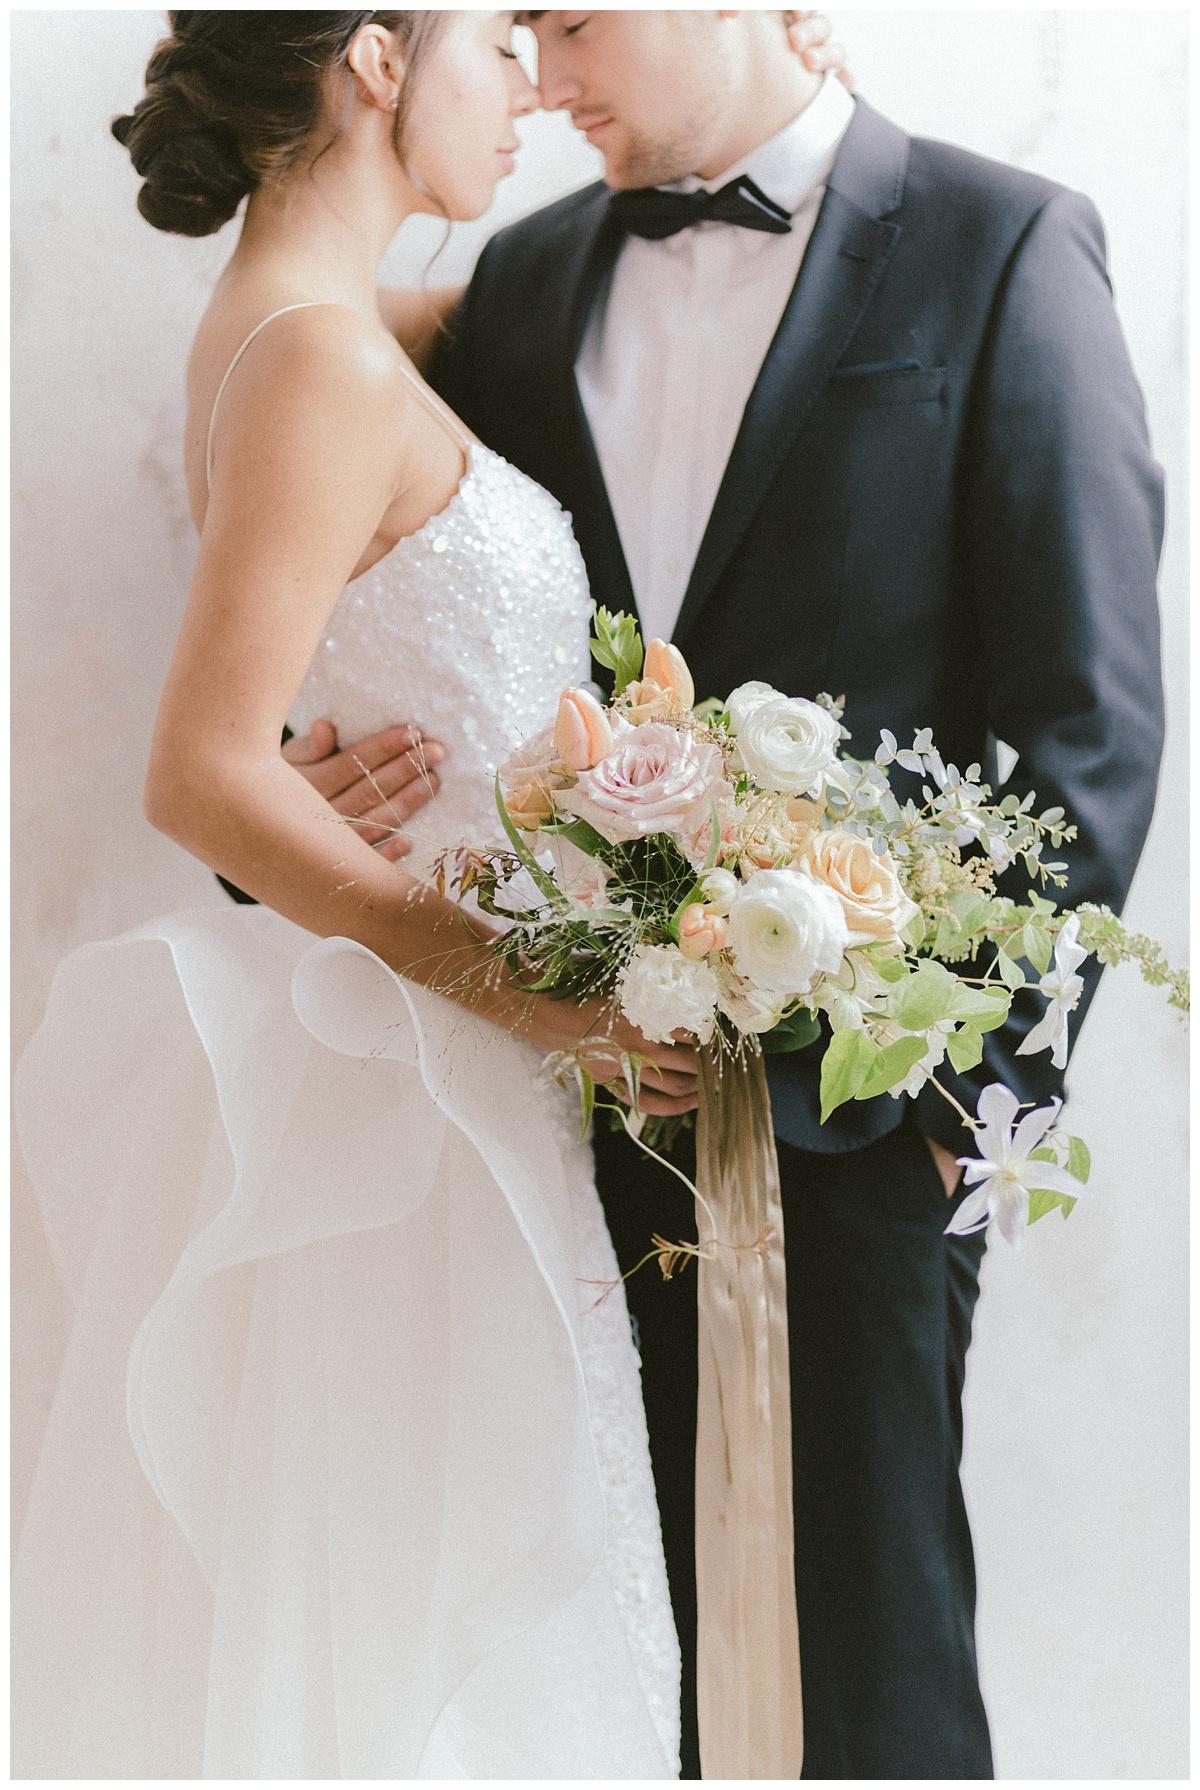 Hong Kong Fine Art Wedding Prewedding Photographer Mattie C. 00107.jpg